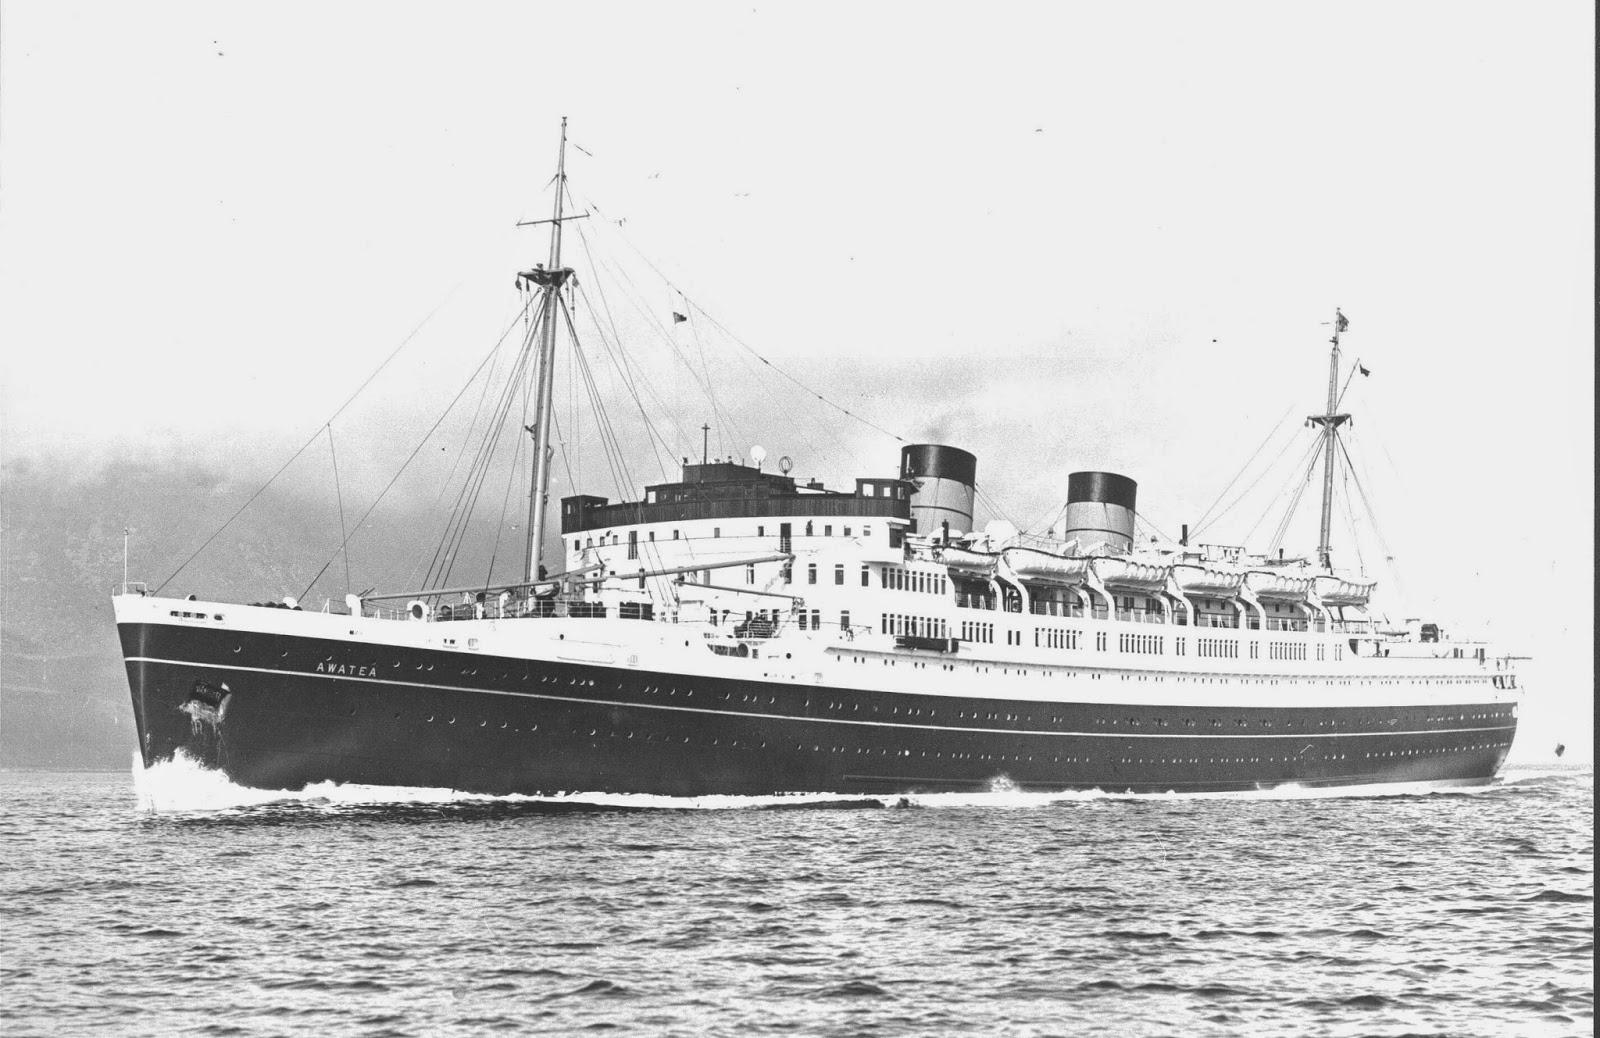 https://rfacdn.nz/maritime/assets/media/awatea-auckland-maritime-society-collection-vnzmm.jpg